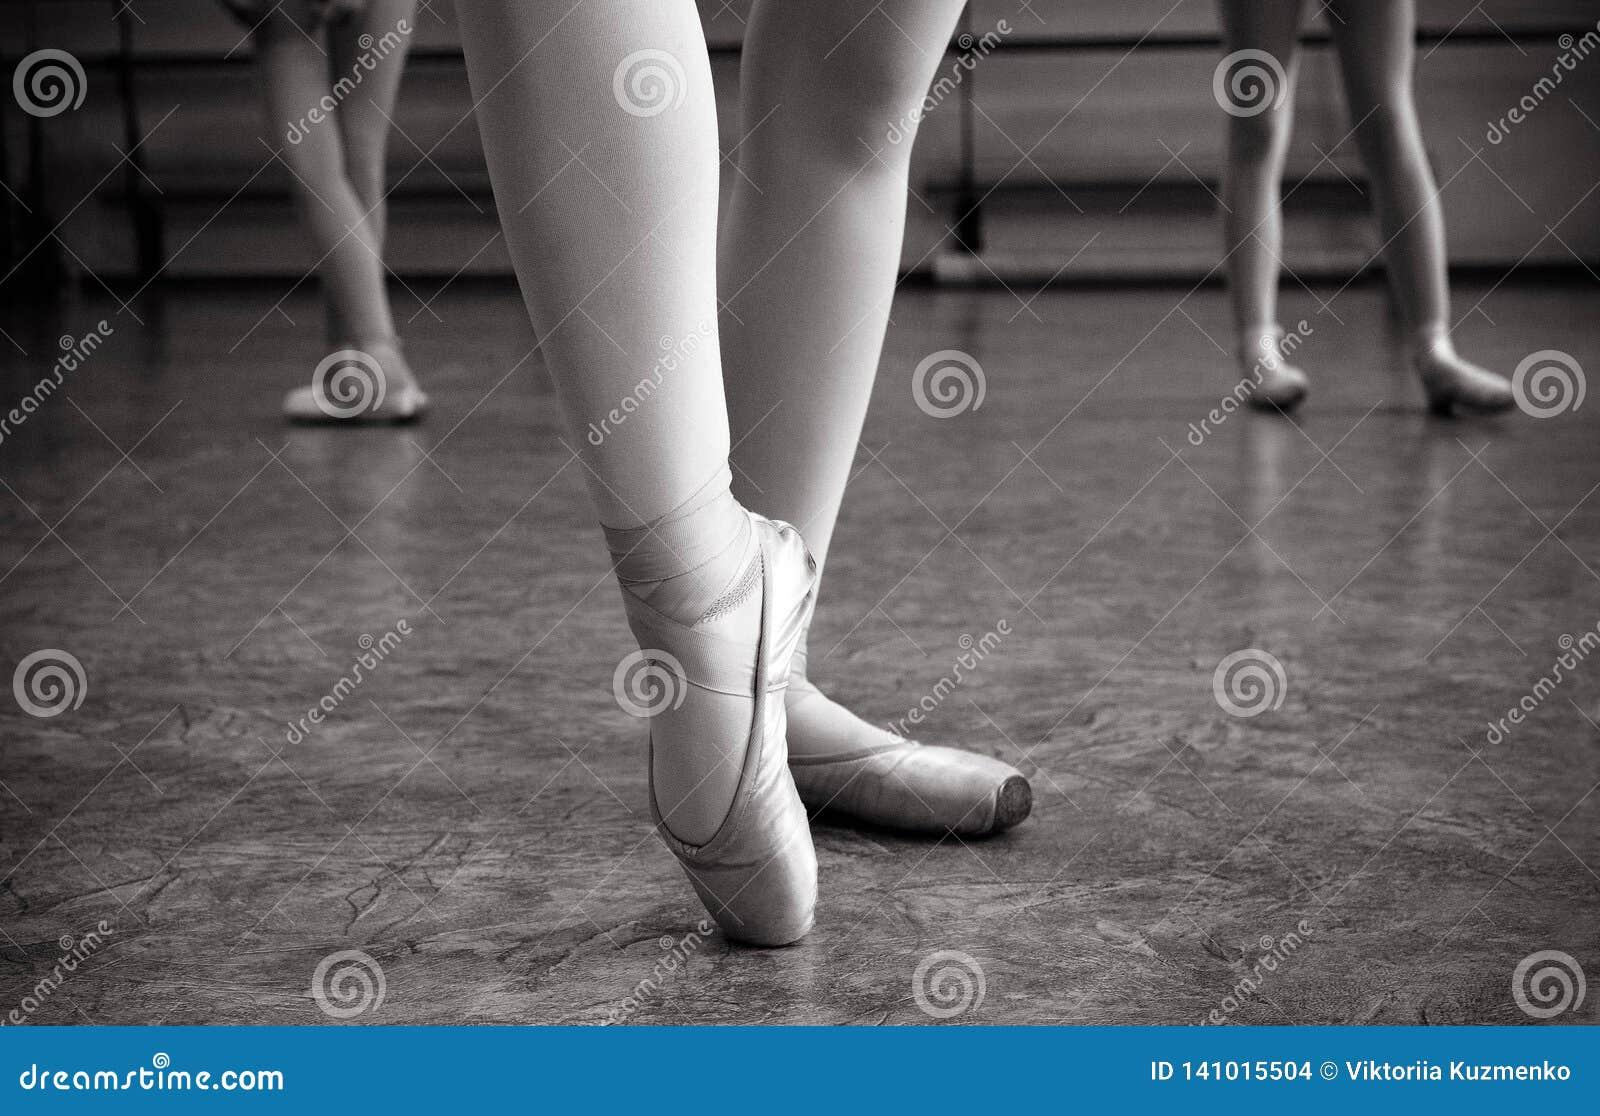 芭蕾舞女演员脚特写镜头在pointe鞋子的在舞厅里 葡萄酒摄影 一位芭蕾舞女演员的特写镜头在舞厅里